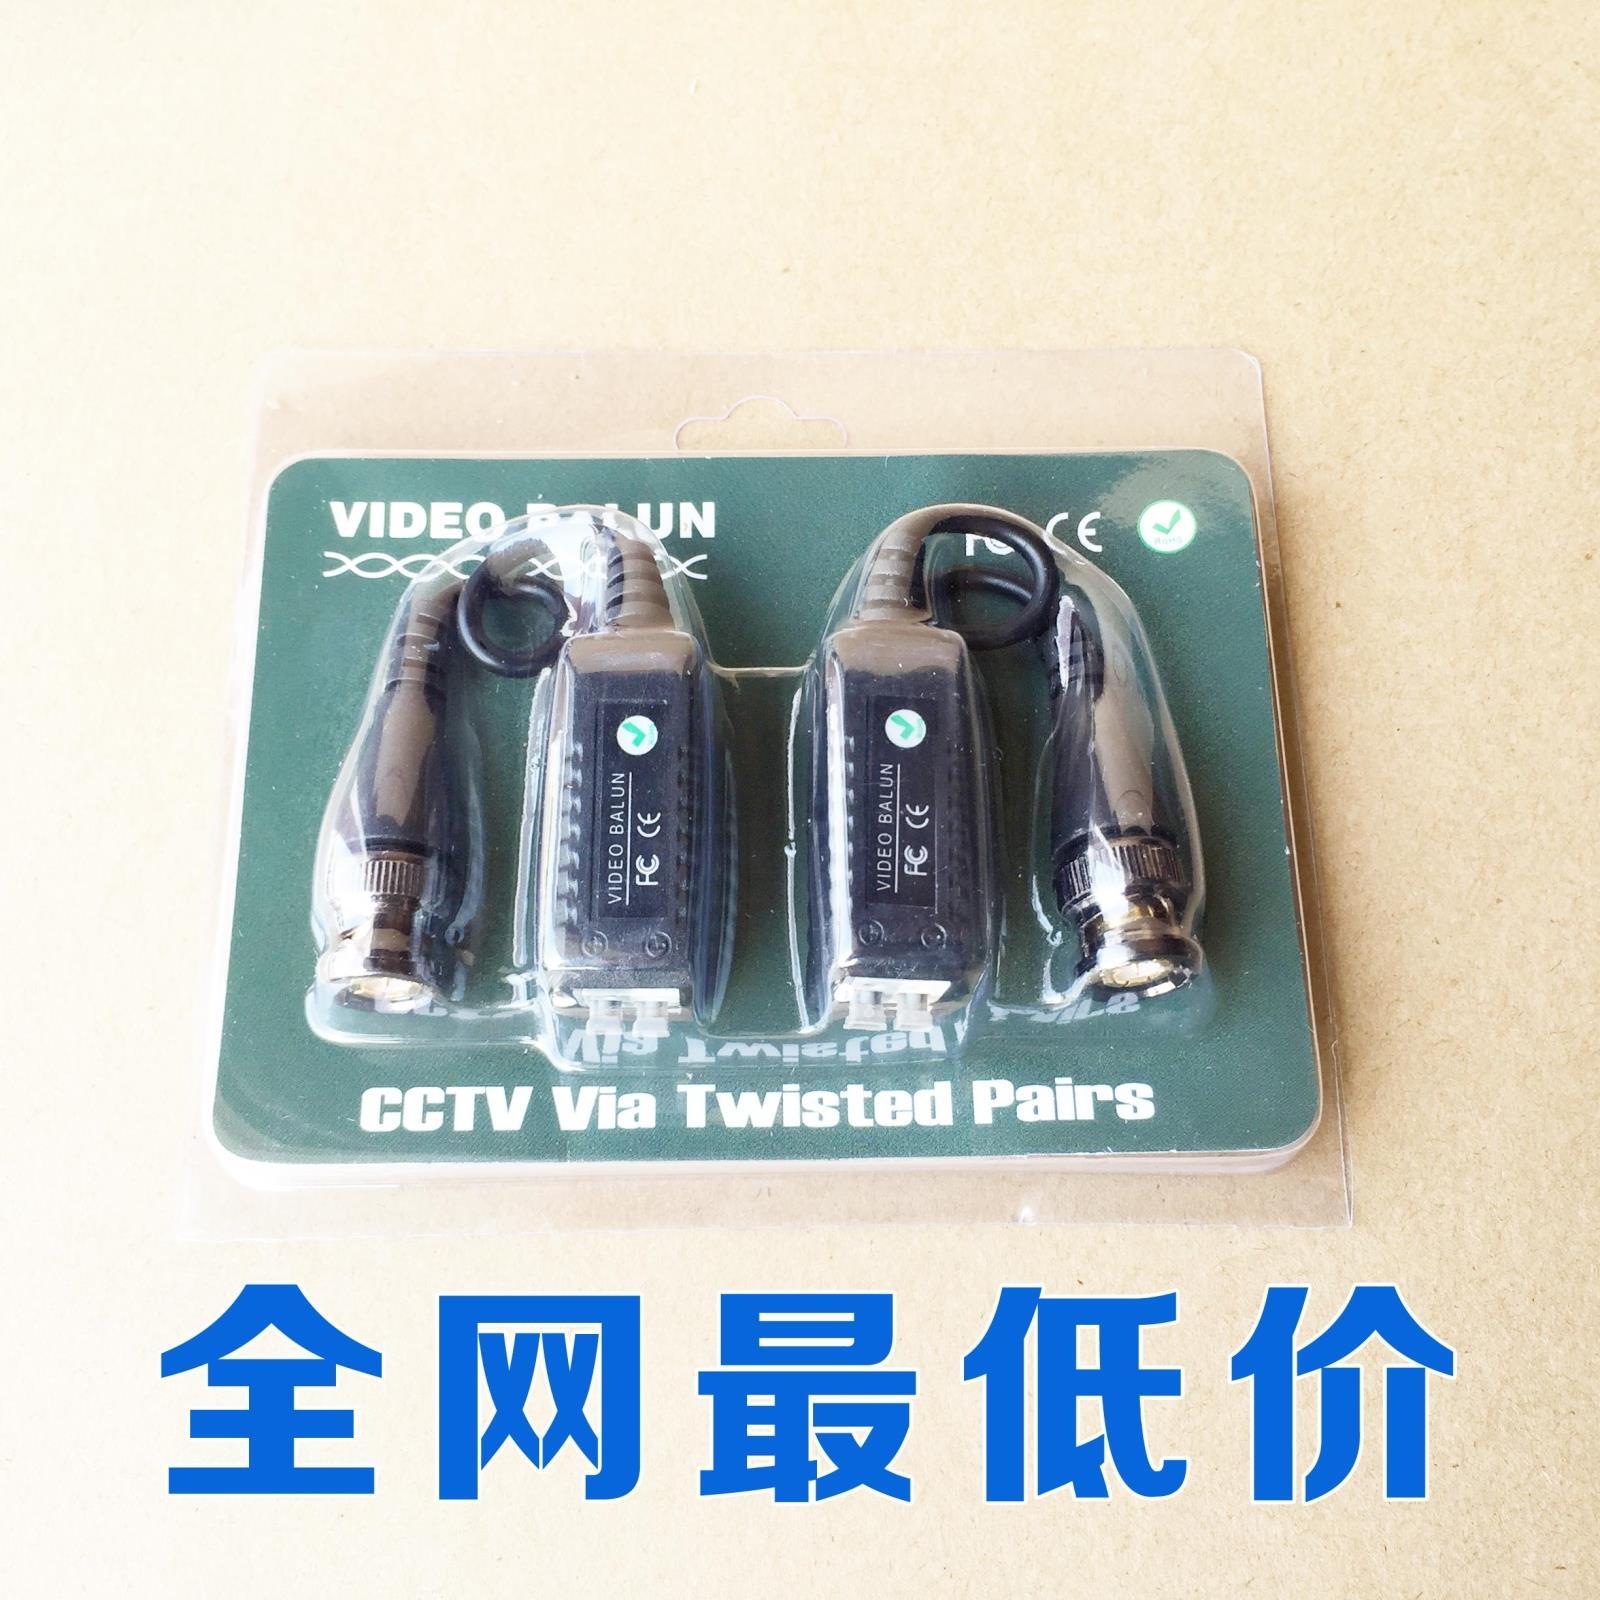 卡接视频传输器1盒 2只双绞线 抗干扰 防雷